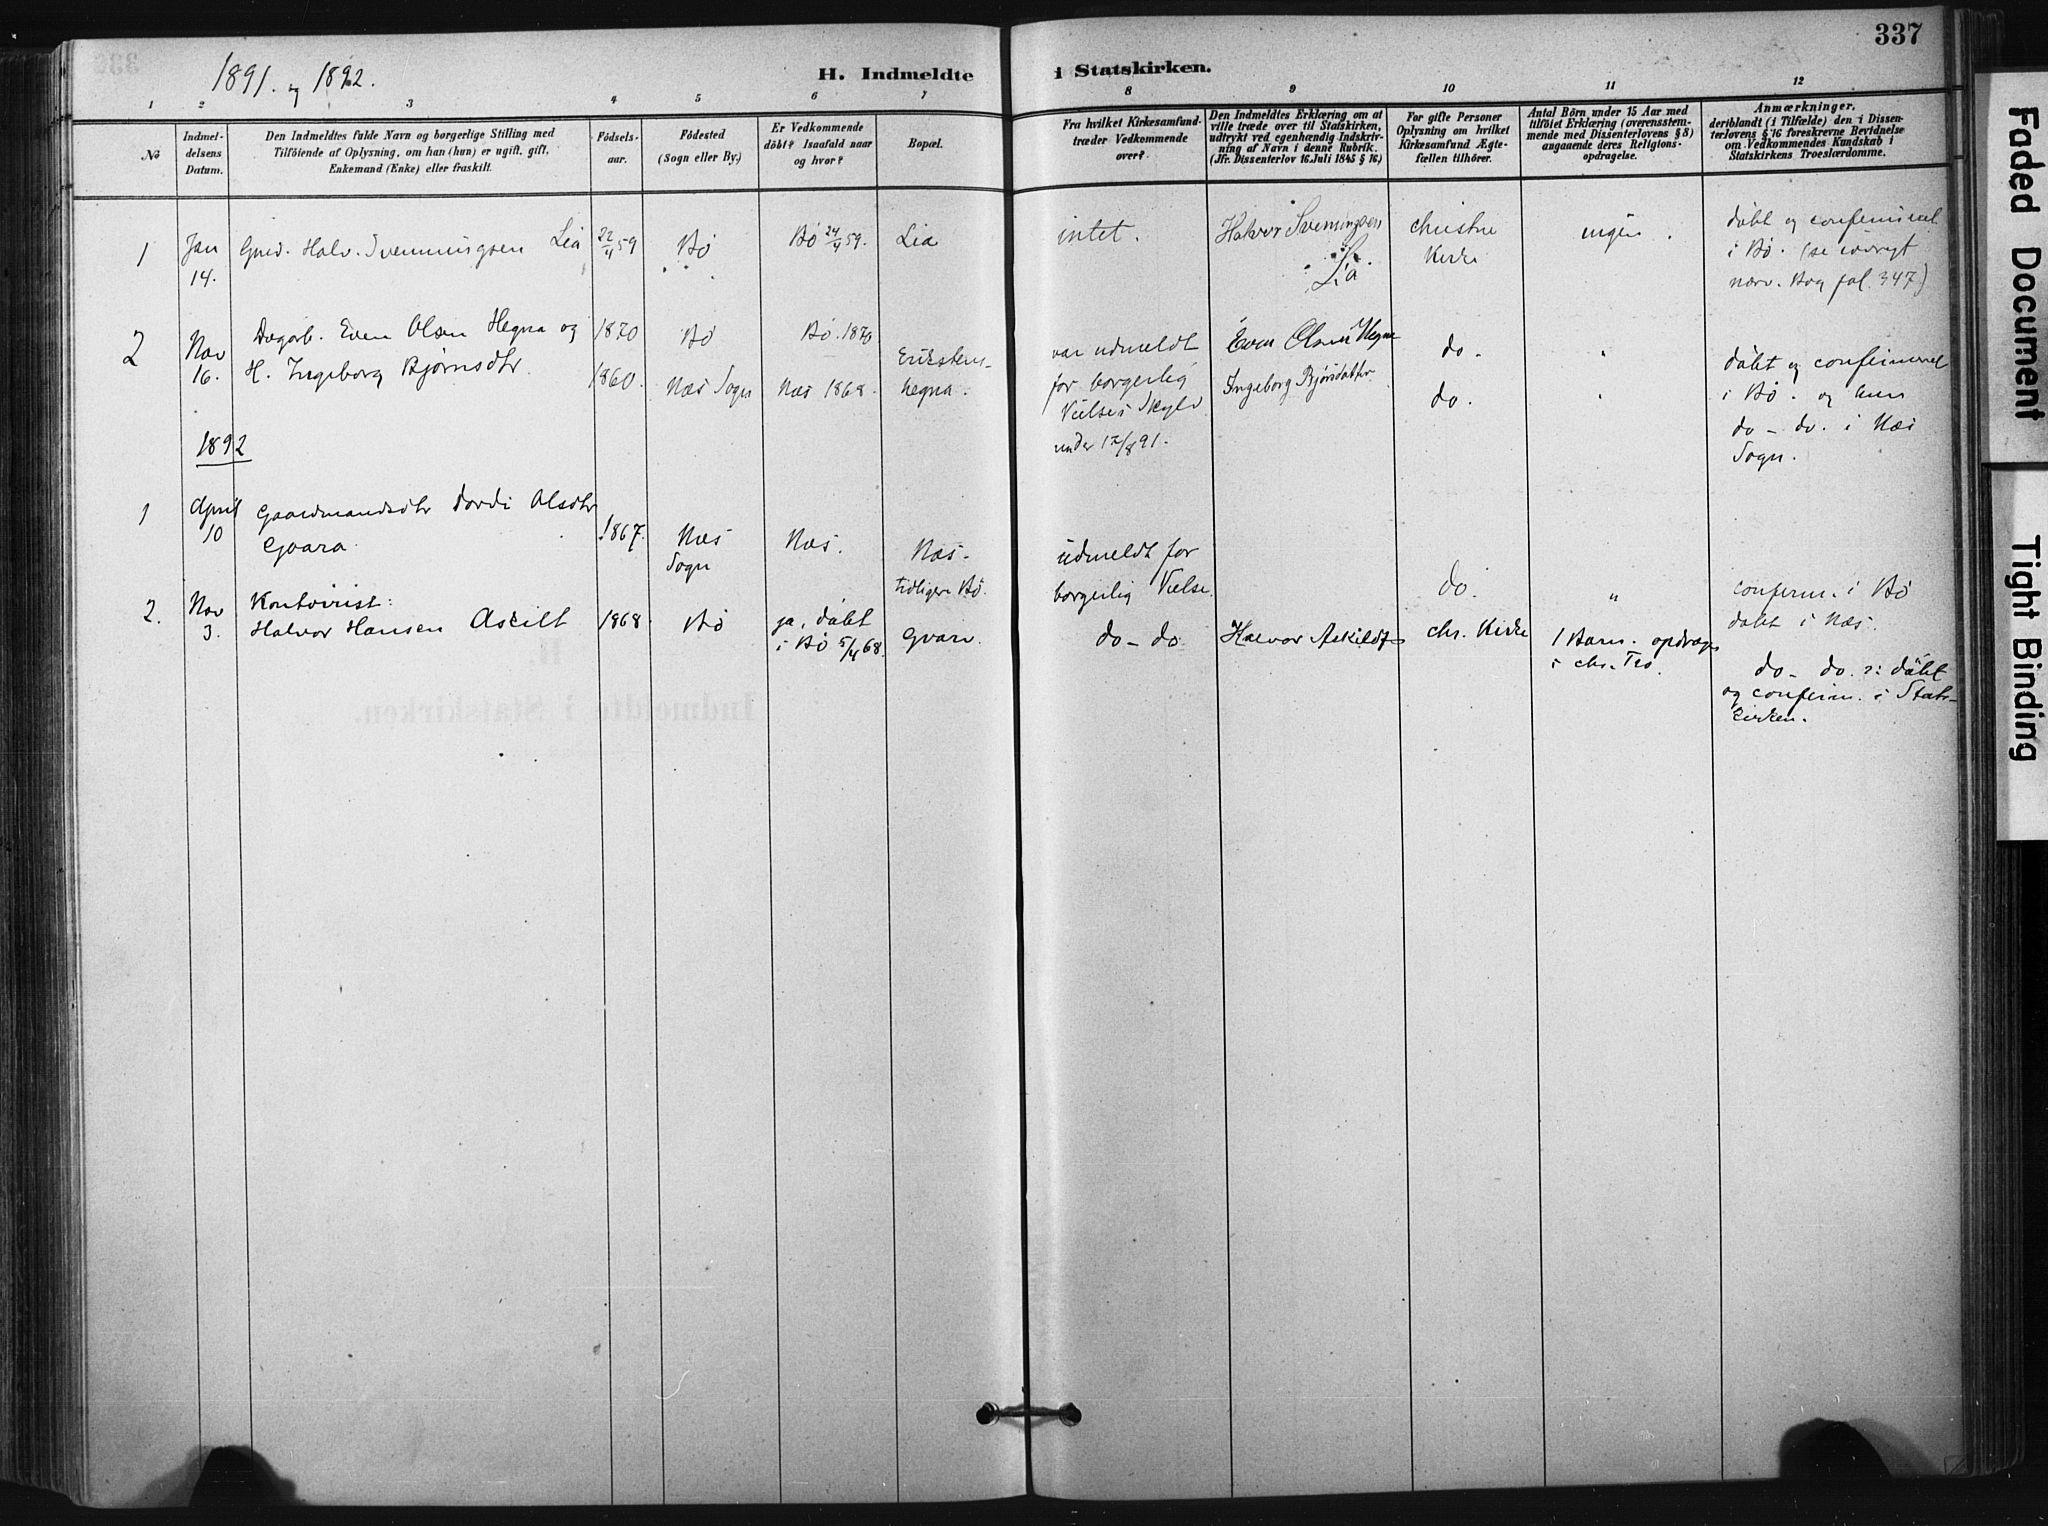 SAKO, Bø kirkebøker, F/Fa/L0010: Ministerialbok nr. 10, 1880-1892, s. 337